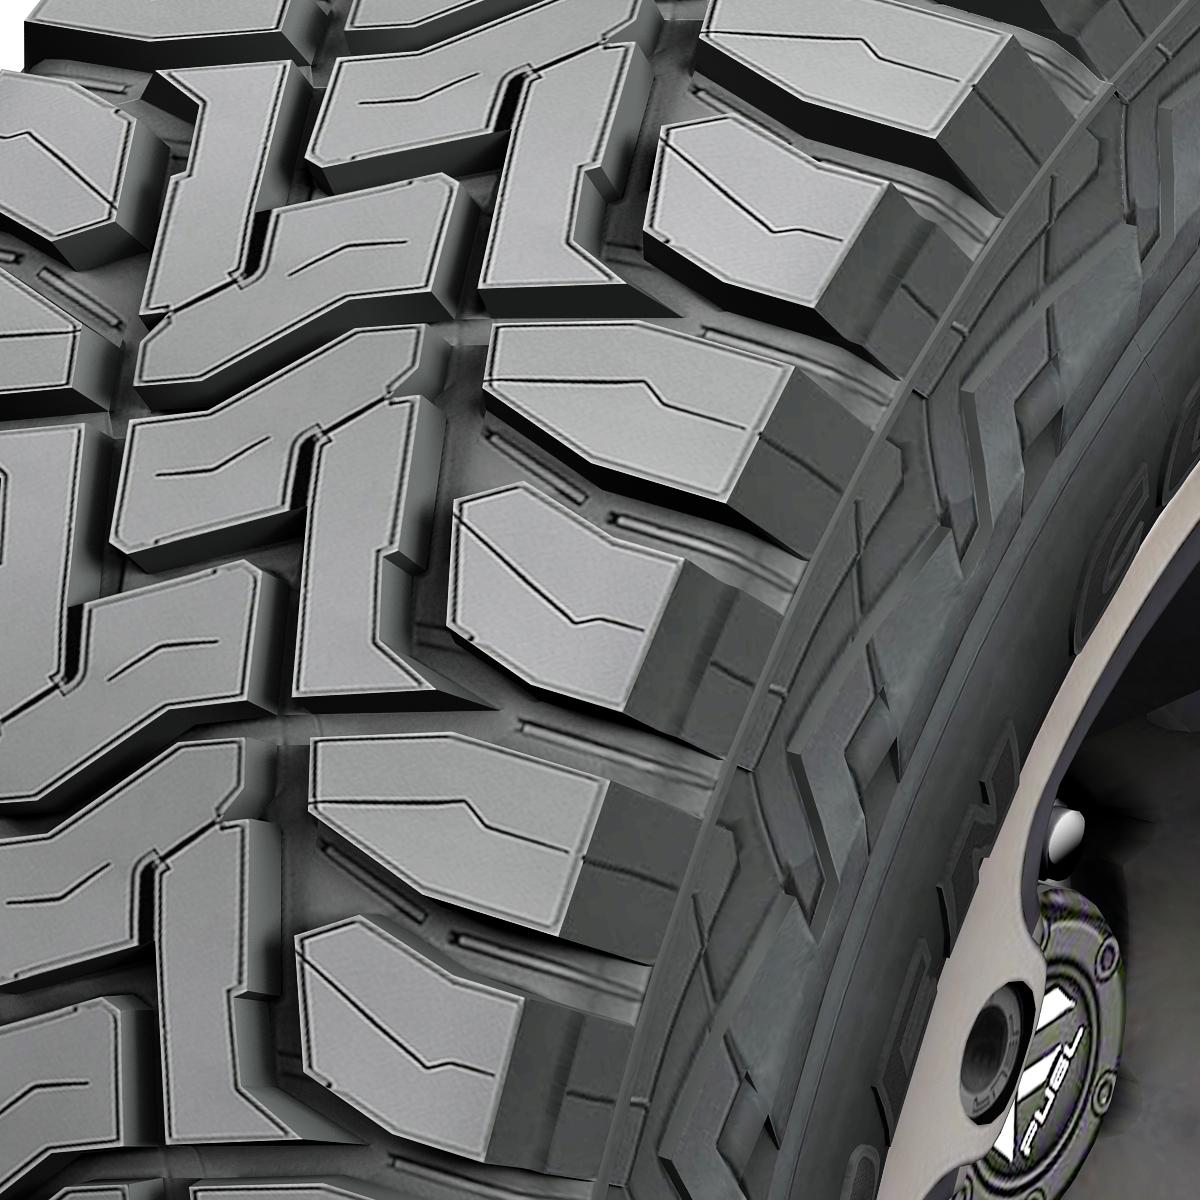 off road wheel and tire 2 3d model 3ds max fbx tga targa icb vda vst pix obj 224414